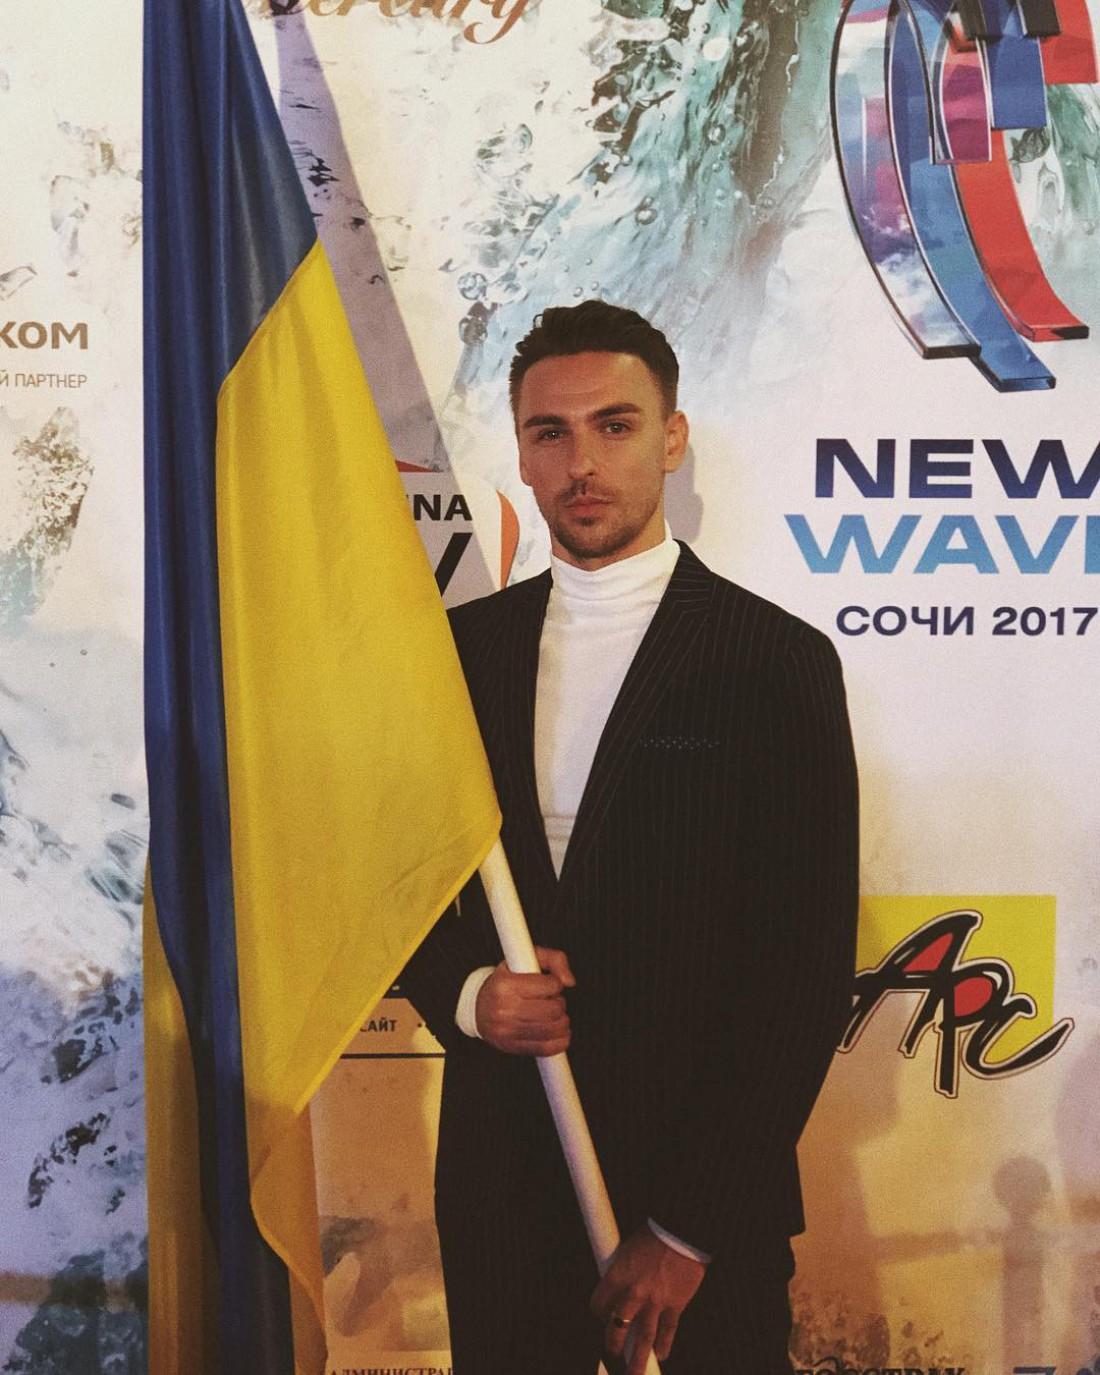 Новая волна 2017: Артем Иванов